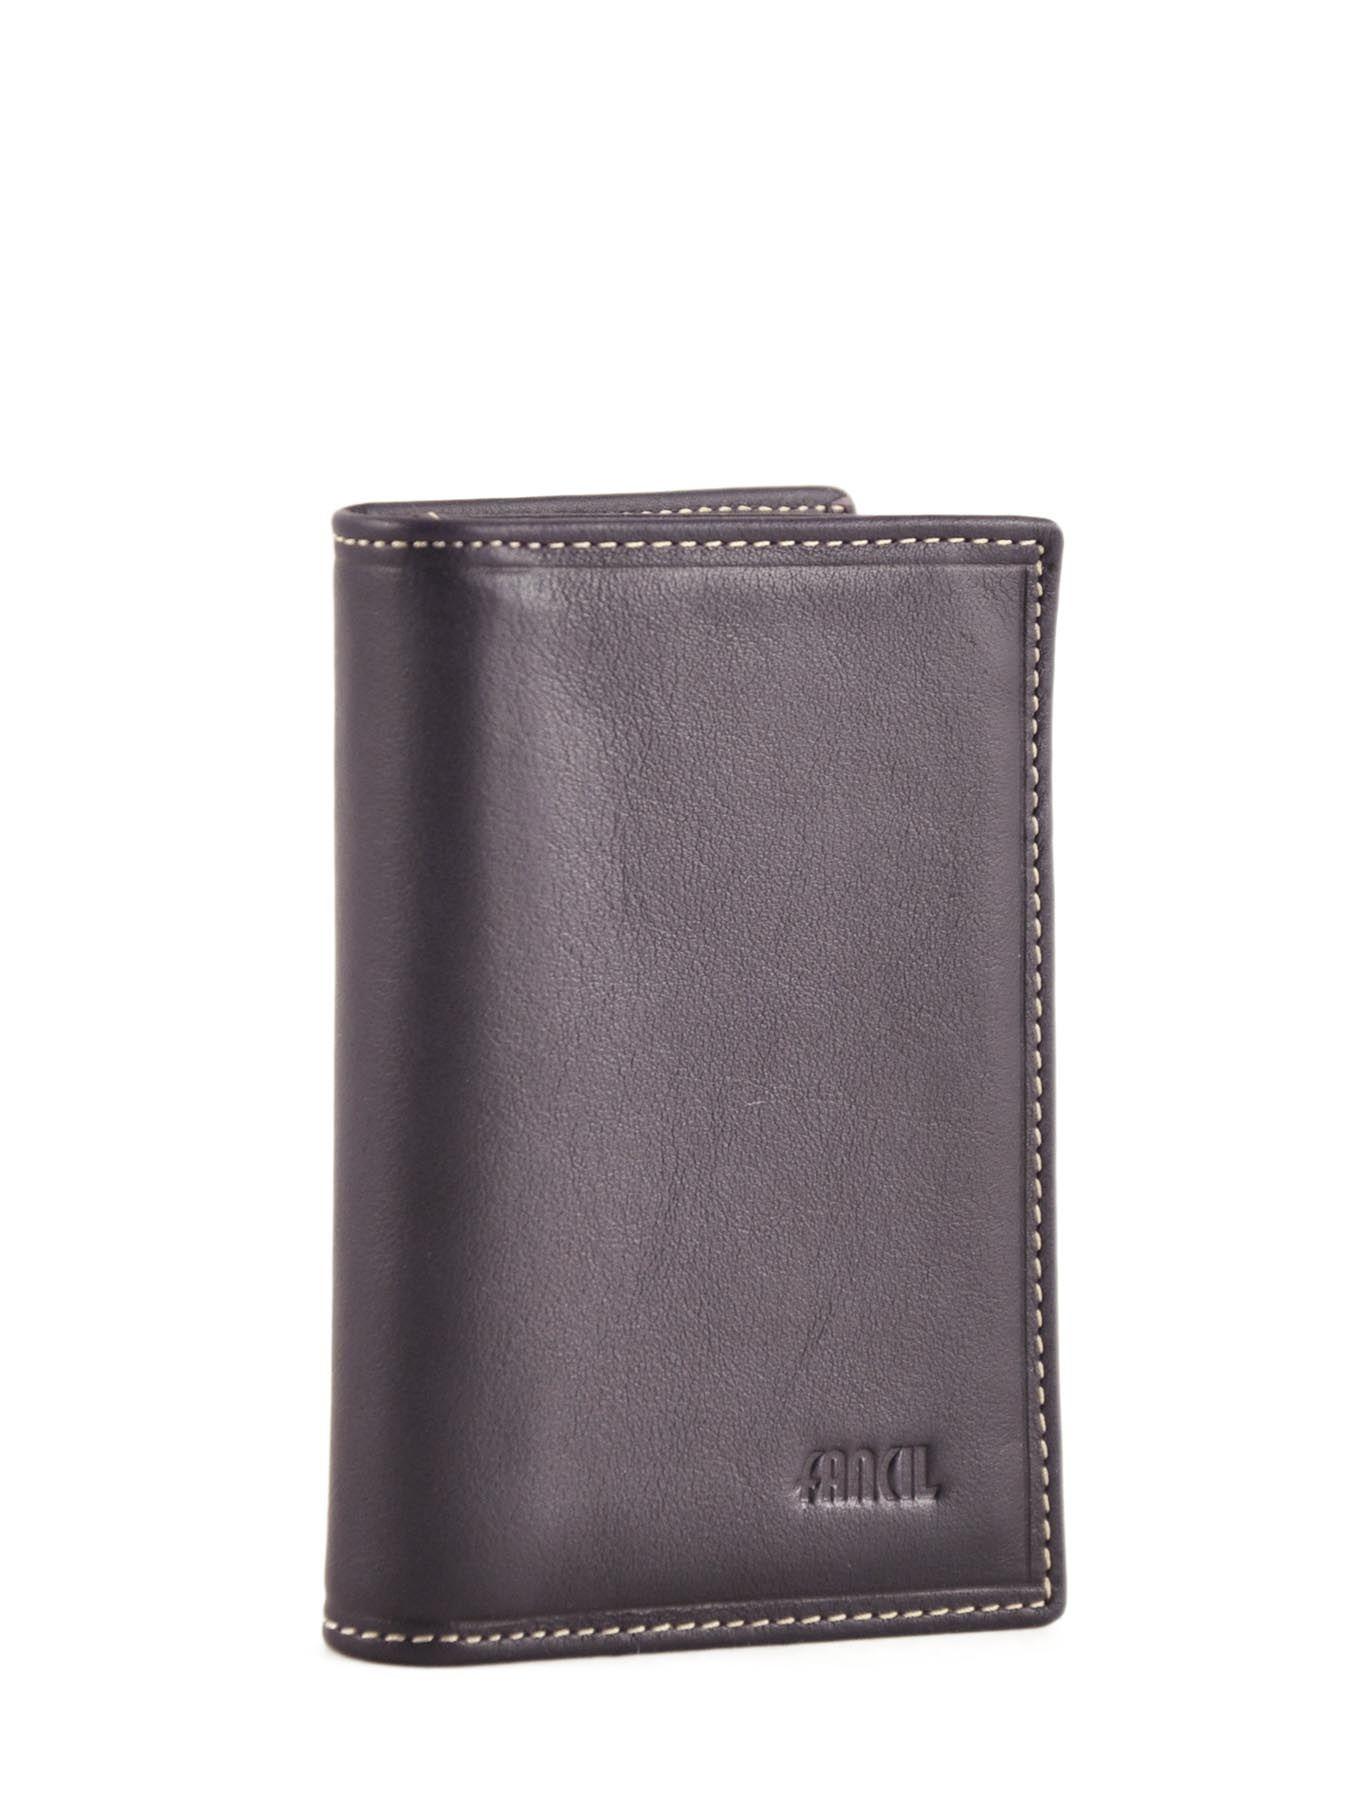 Guess Porte cartes en cuir - 6 cartes Noir pX4y5WZT